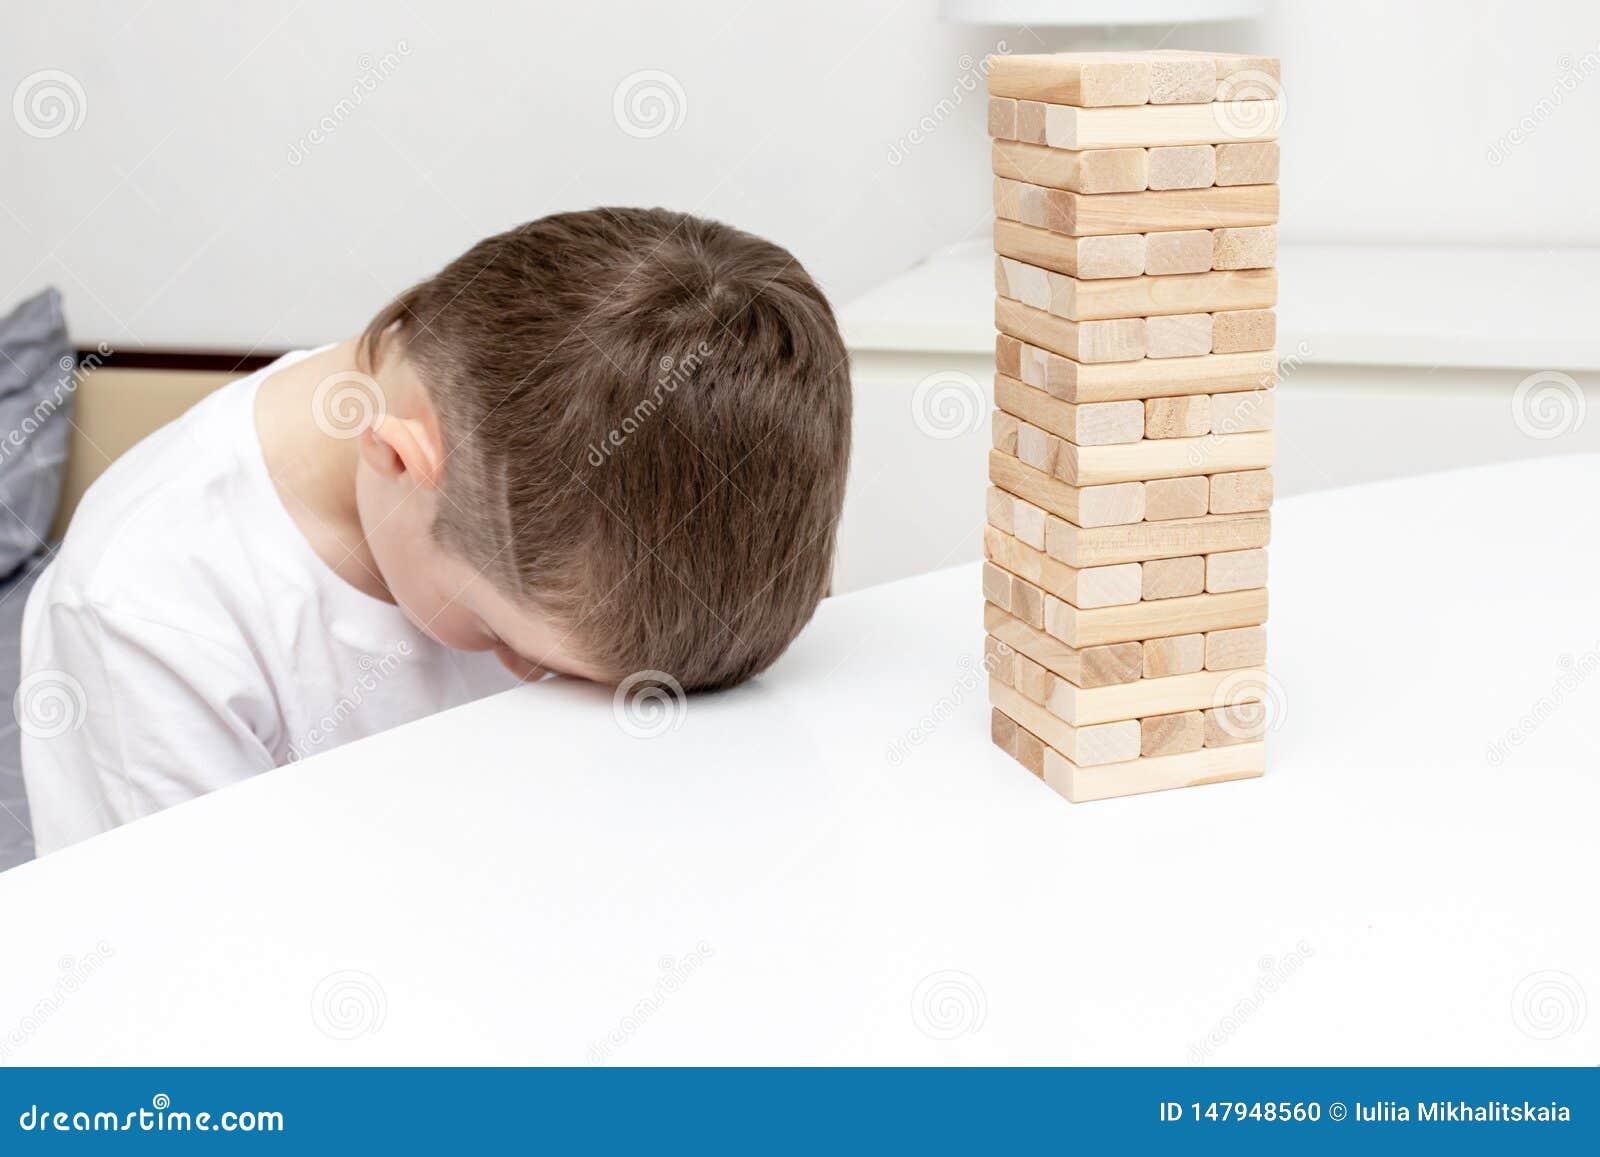 Пробуренный preteen кавказский мальчик пробуя сыграть деревянную настольную игру башни блока для того чтобы развлечь